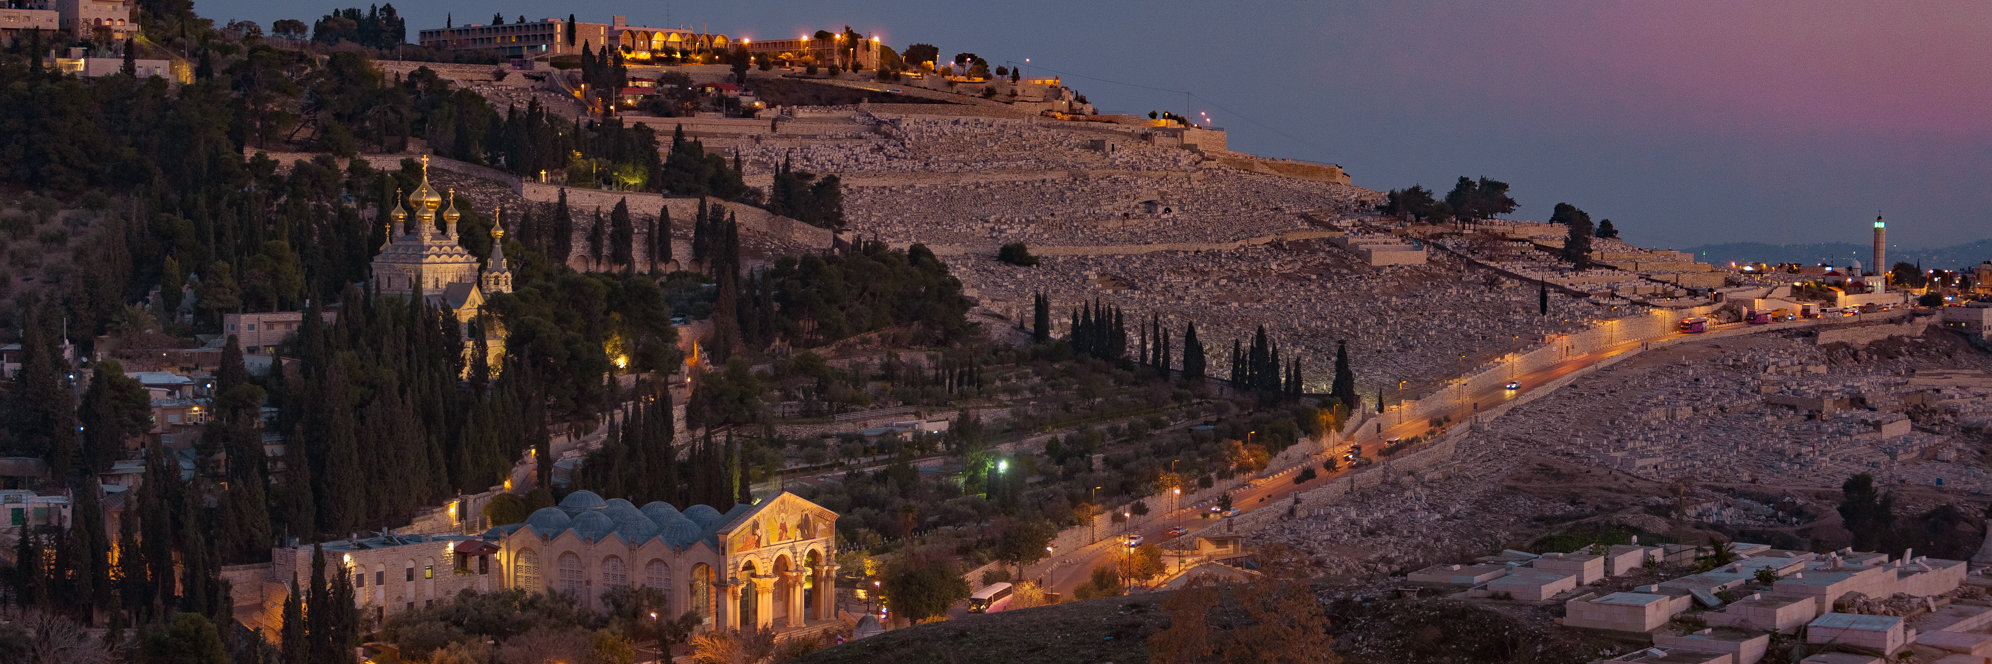 Israël Palestine, Jérusalem, Est, mont des Oliviers, Gethsémanie, les jardins des sanctuaires chrétiens s'élèvent au milieu des tombes du cimetière juif.